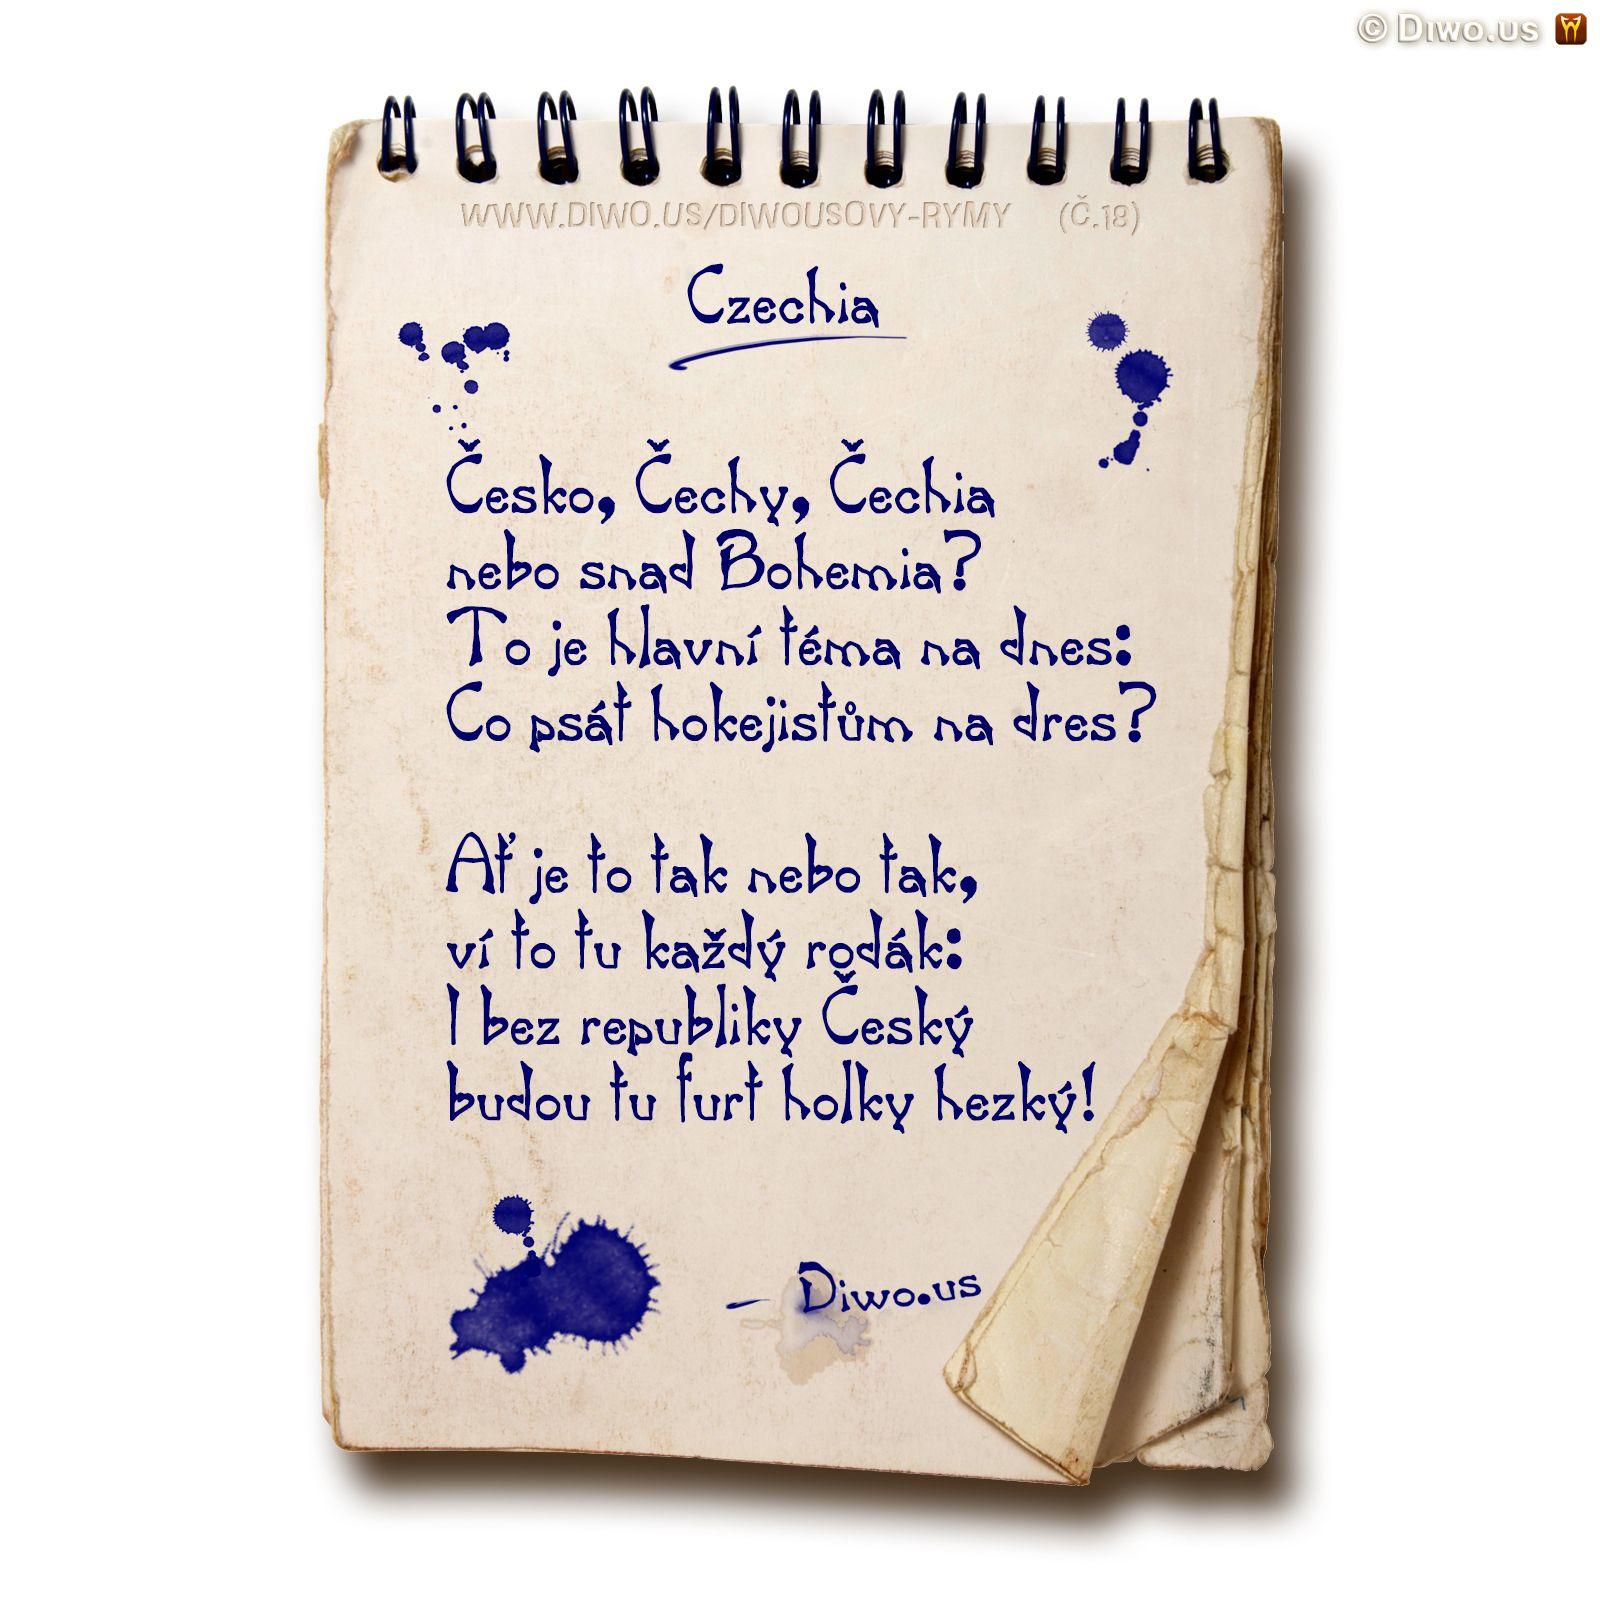 Diwous, Diwousovy Rýmy, č.18, Czechia, básně, humorné básničky, legrace, parodie, říkanky, rýmovačky, satira, sranda, verše, veršovánky, žertovné, Česko Čechy Čechia, Bohemia, hokejistický dres, sportovci, nápis, název republiky, OSN, oficiální, Česká republika, rodák, hezké holky české, referendum